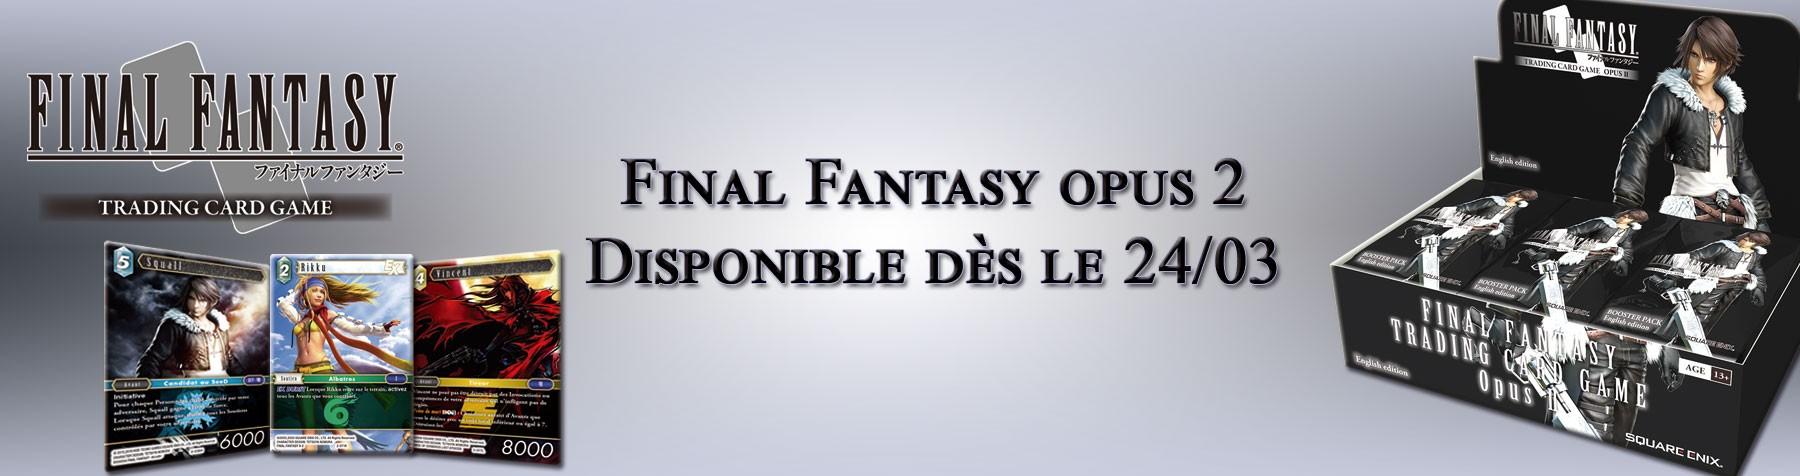 Final Fantasy Opus 2 disponible dès le 24/03 !